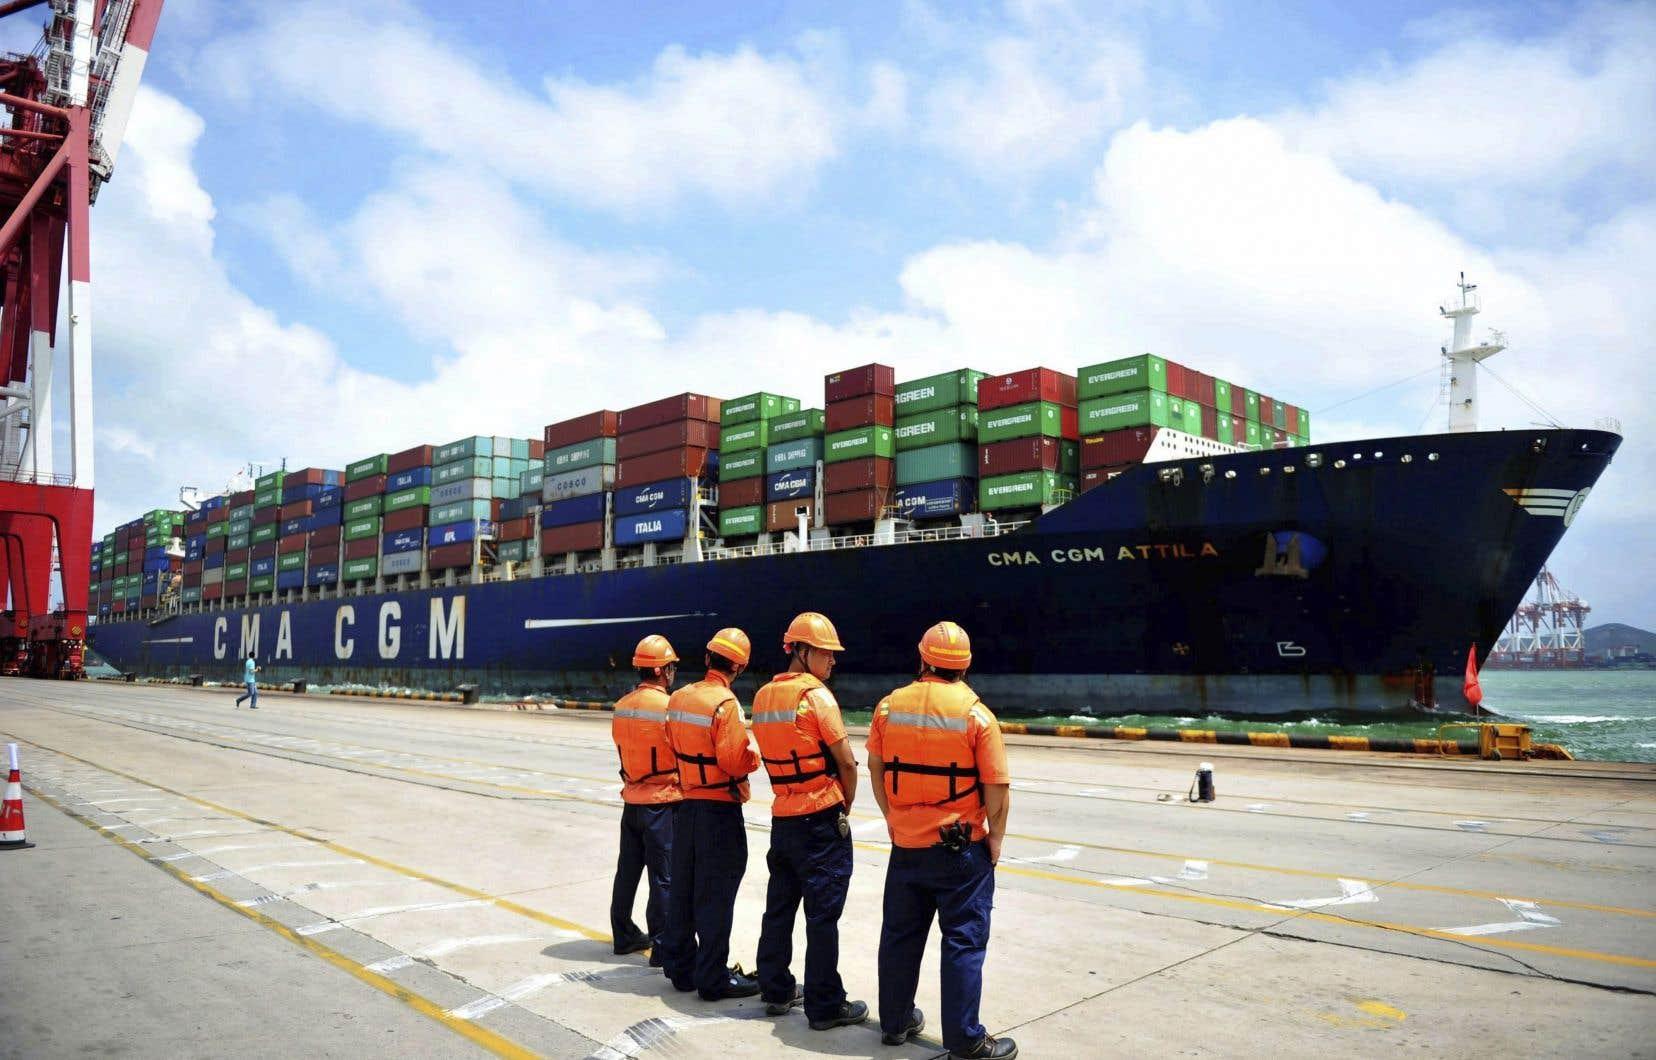 L'AEUMC imposera au Canada de divulguer aux États-Unis le texte complet d'un accord de libre-échange avec la Chine, souligne l'auteur.